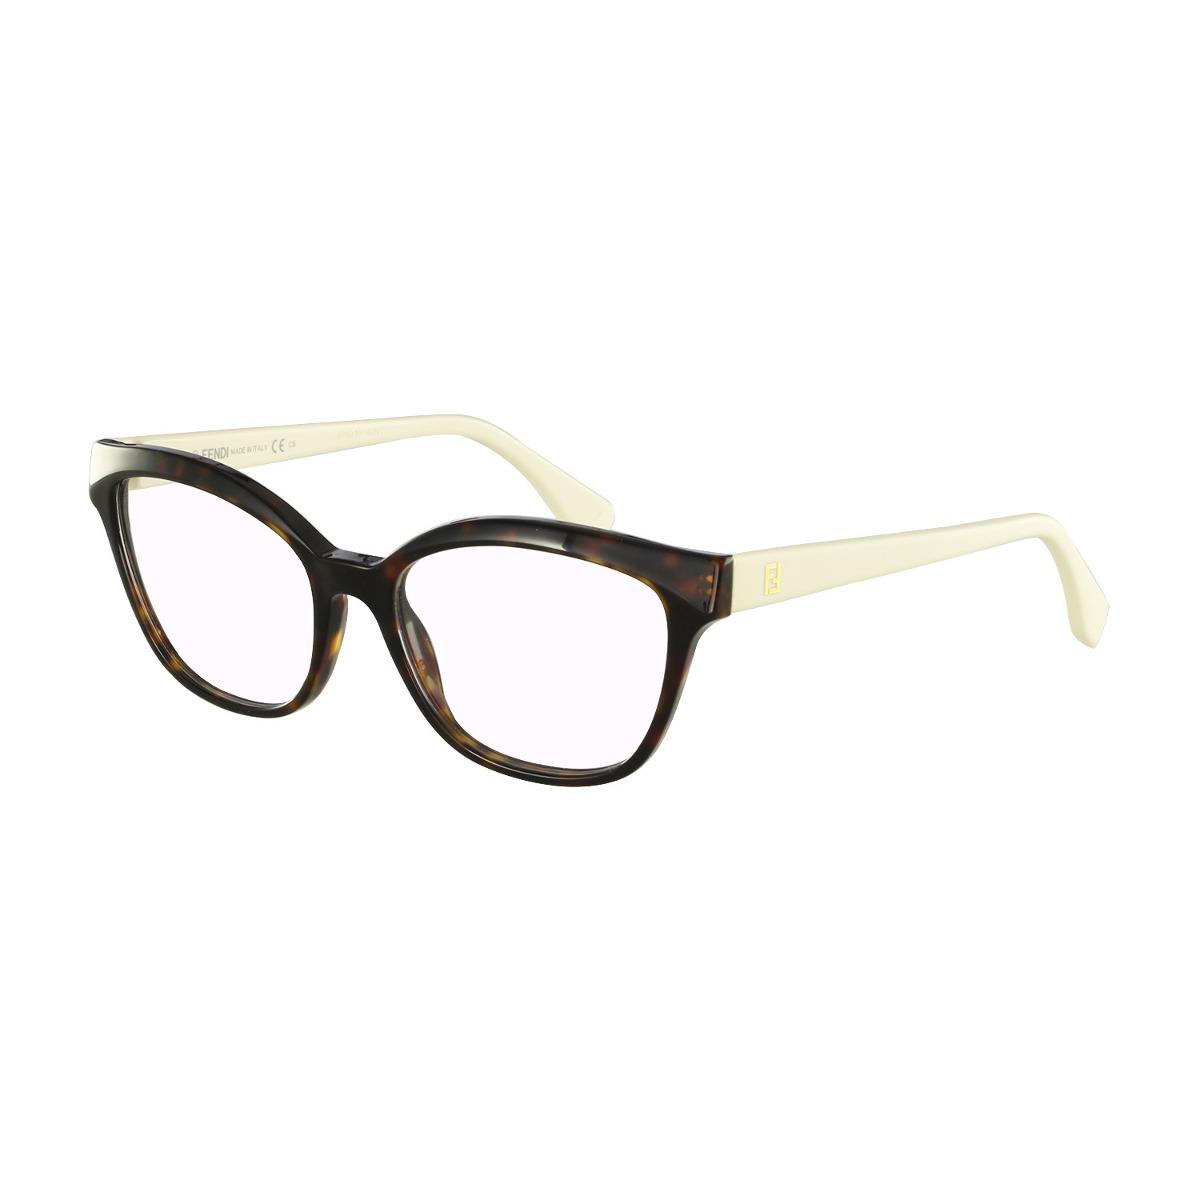 4471cd43aa437 Óculos De Grau Fendi Casual Marrom - R  999,00 em Mercado Livre